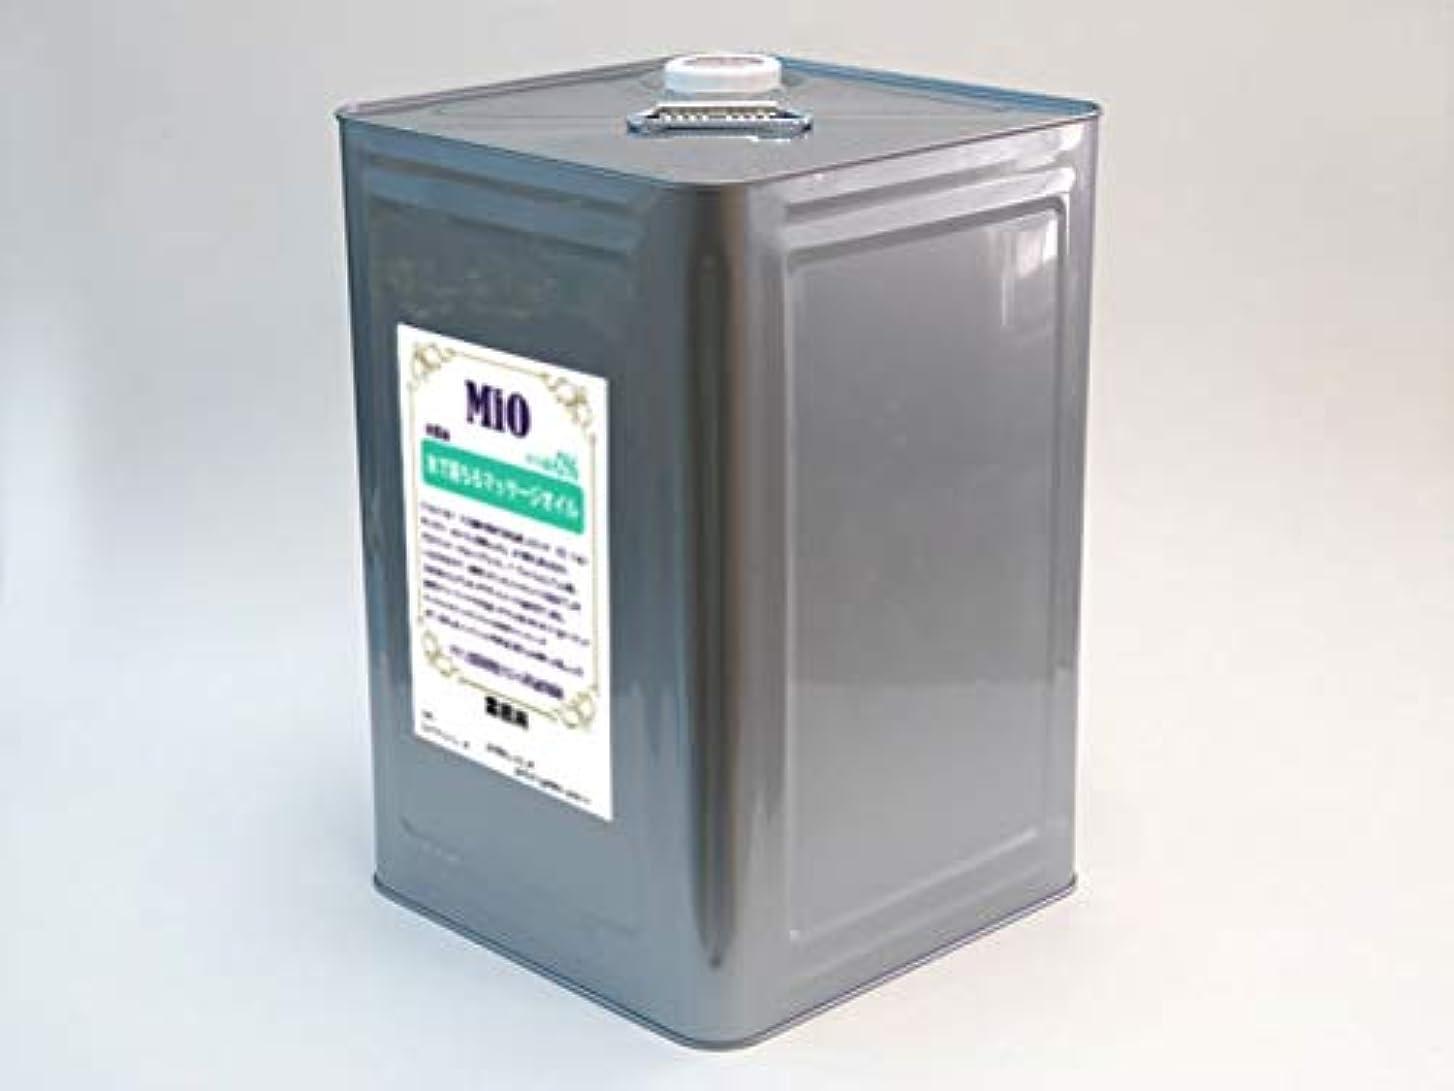 確立達成感性【業務用】水だけで落ちるマッサージオイルMiO 水溶性 無香料